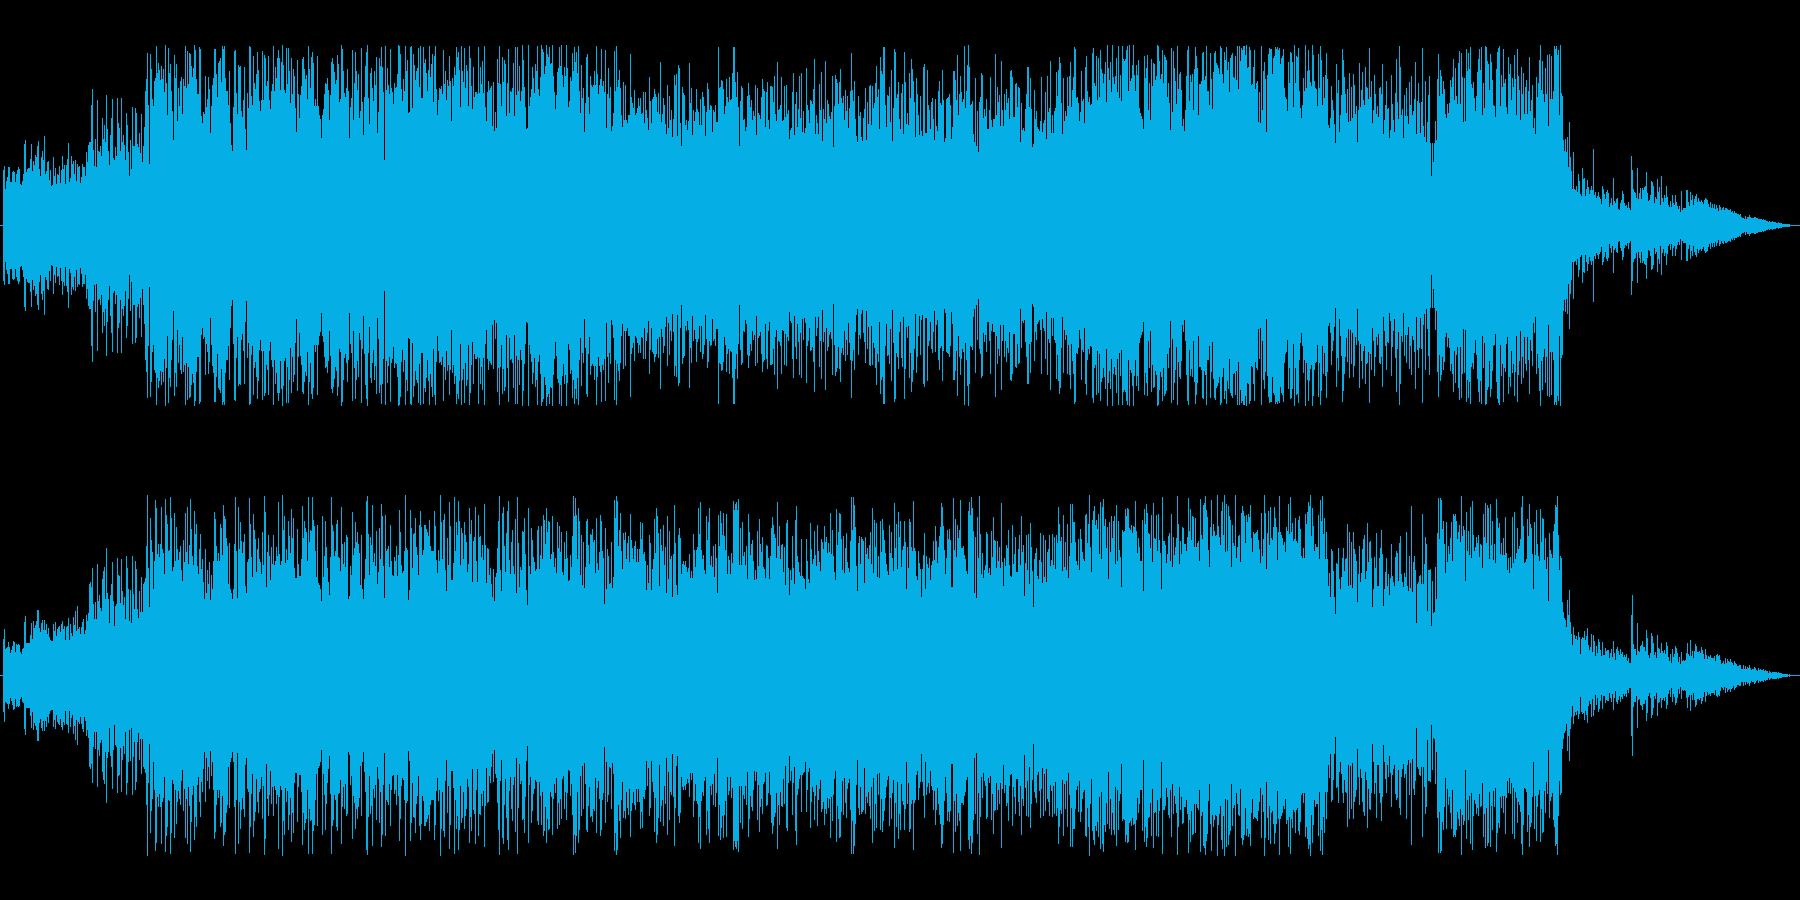 民族音楽・ディジュリドゥ・東欧・スラブの再生済みの波形